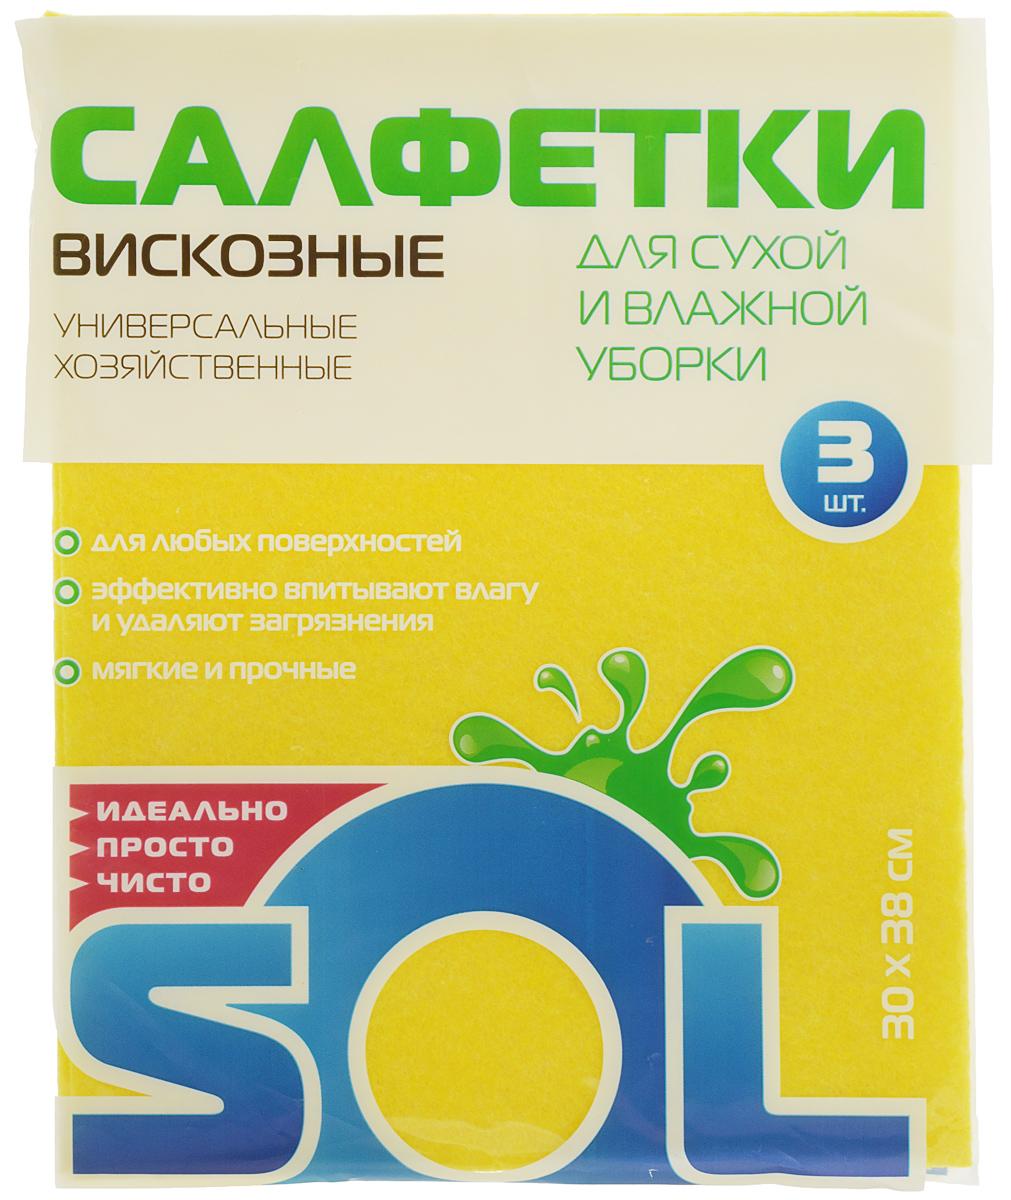 Салфетка для уборки Sol из вискозы, универсальная, цвет: желтый, 30 x 38 см, 3 шт10002/10054_желтыйСалфетки для уборки Sol, выполненные из вискозы, предназначены для уборки и могут применяться с различными моющими средствами. Эффективно впитывают жидкость. Мягкие и прочные, легко отжимаются и быстро сохнут.Рекомендации по уходу: Для обеспечения гигиеничности уборки после применения прополоскать в теплой воде.Для продления срока службы не применять машинную стирку, не гладить и не кипятить.